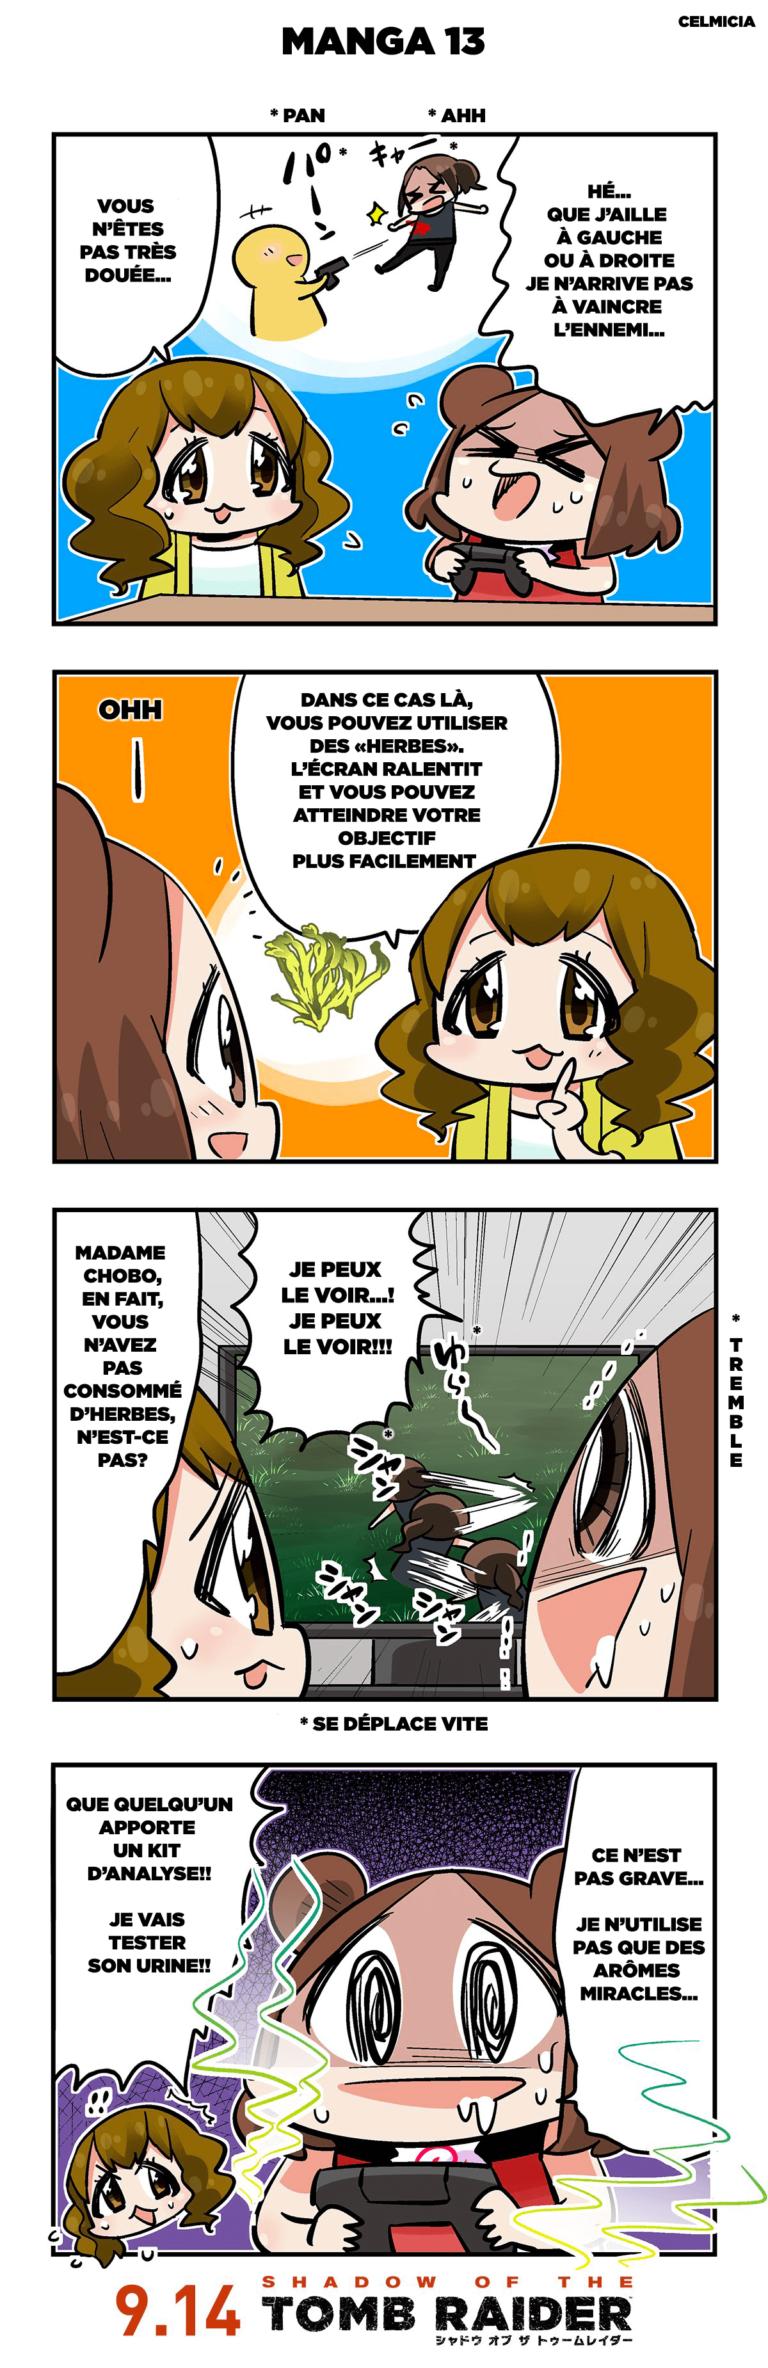 sottr_manga_square_enix_jp_13_opti